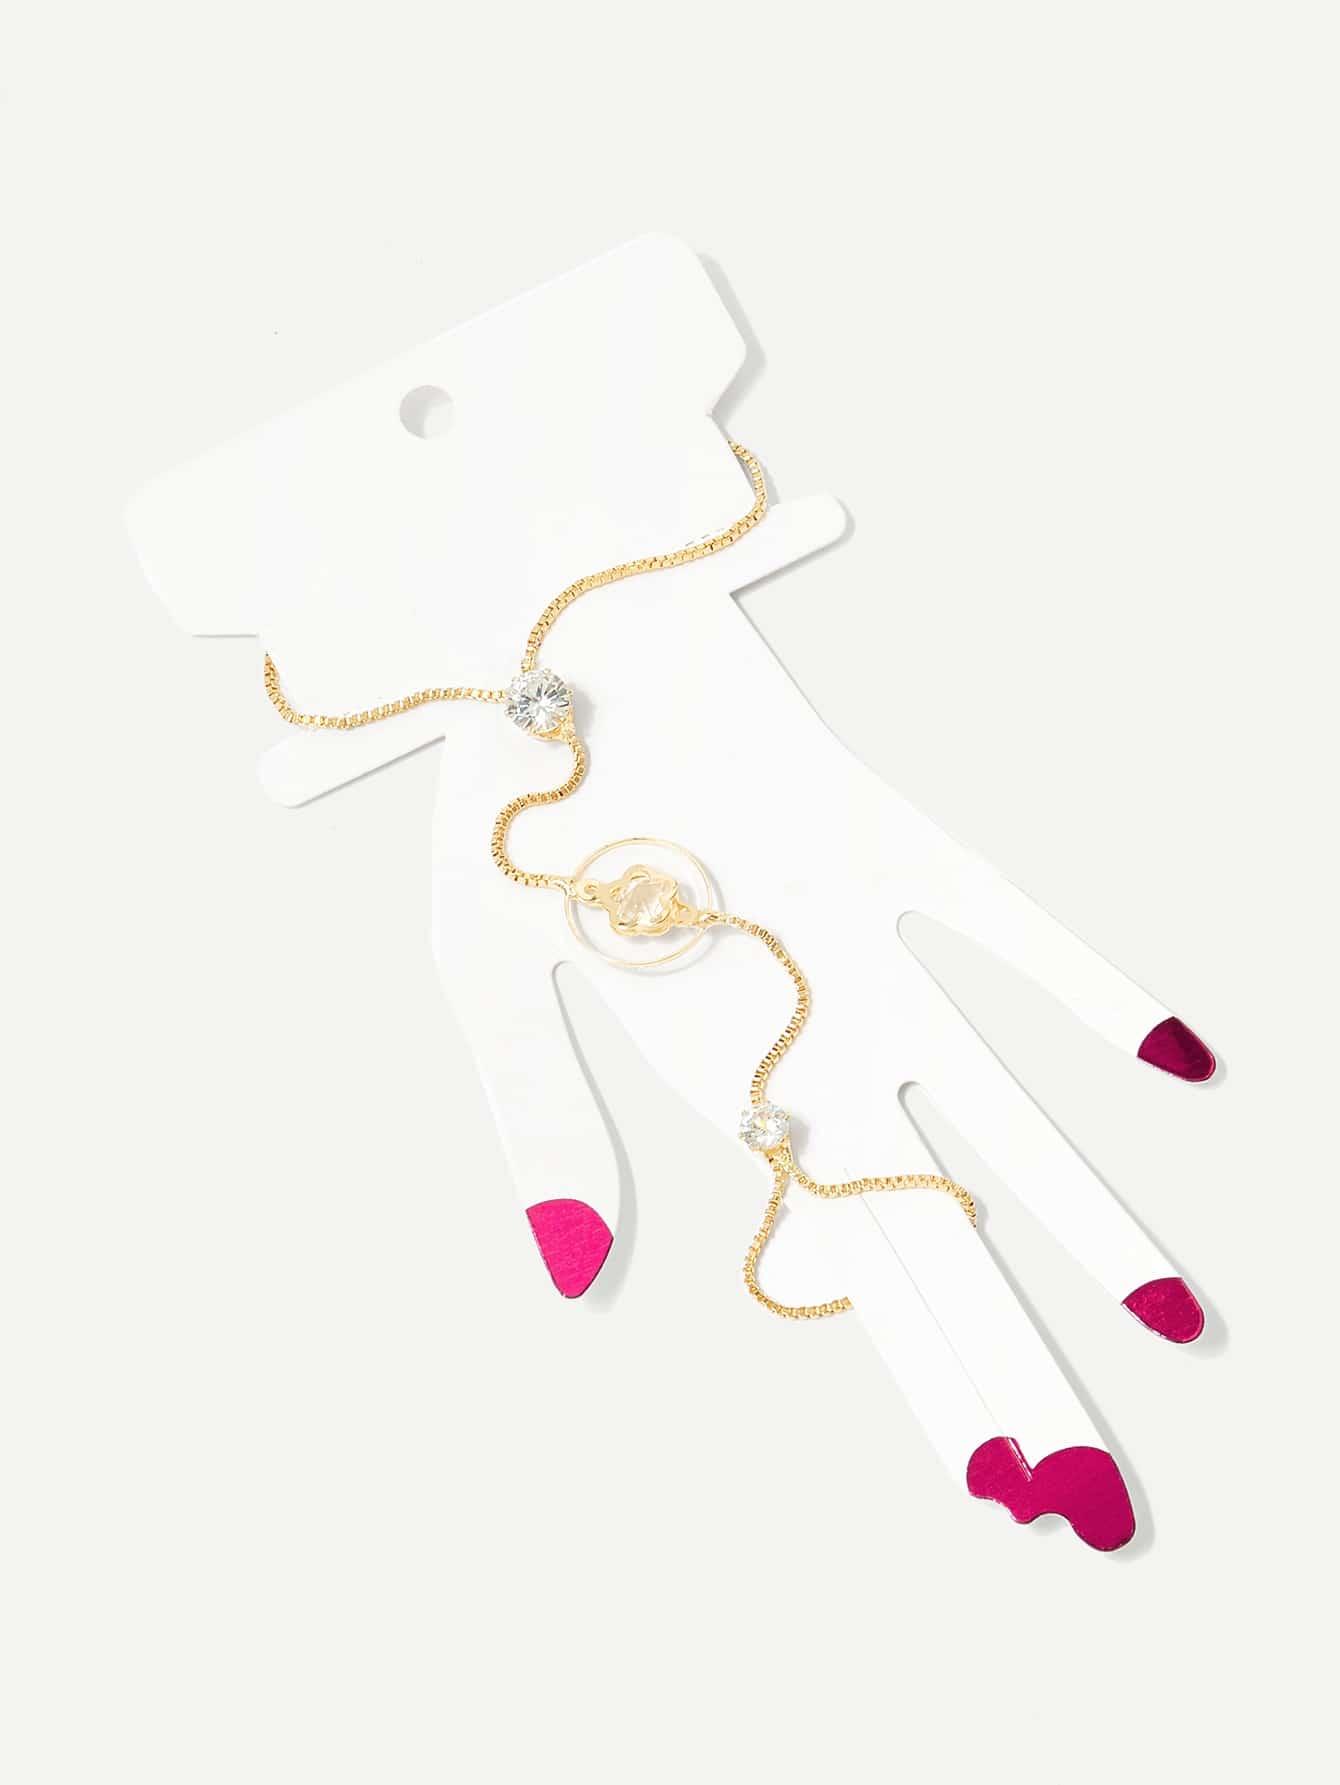 Armband mit Blumen, Ring und verknüpftem Finger